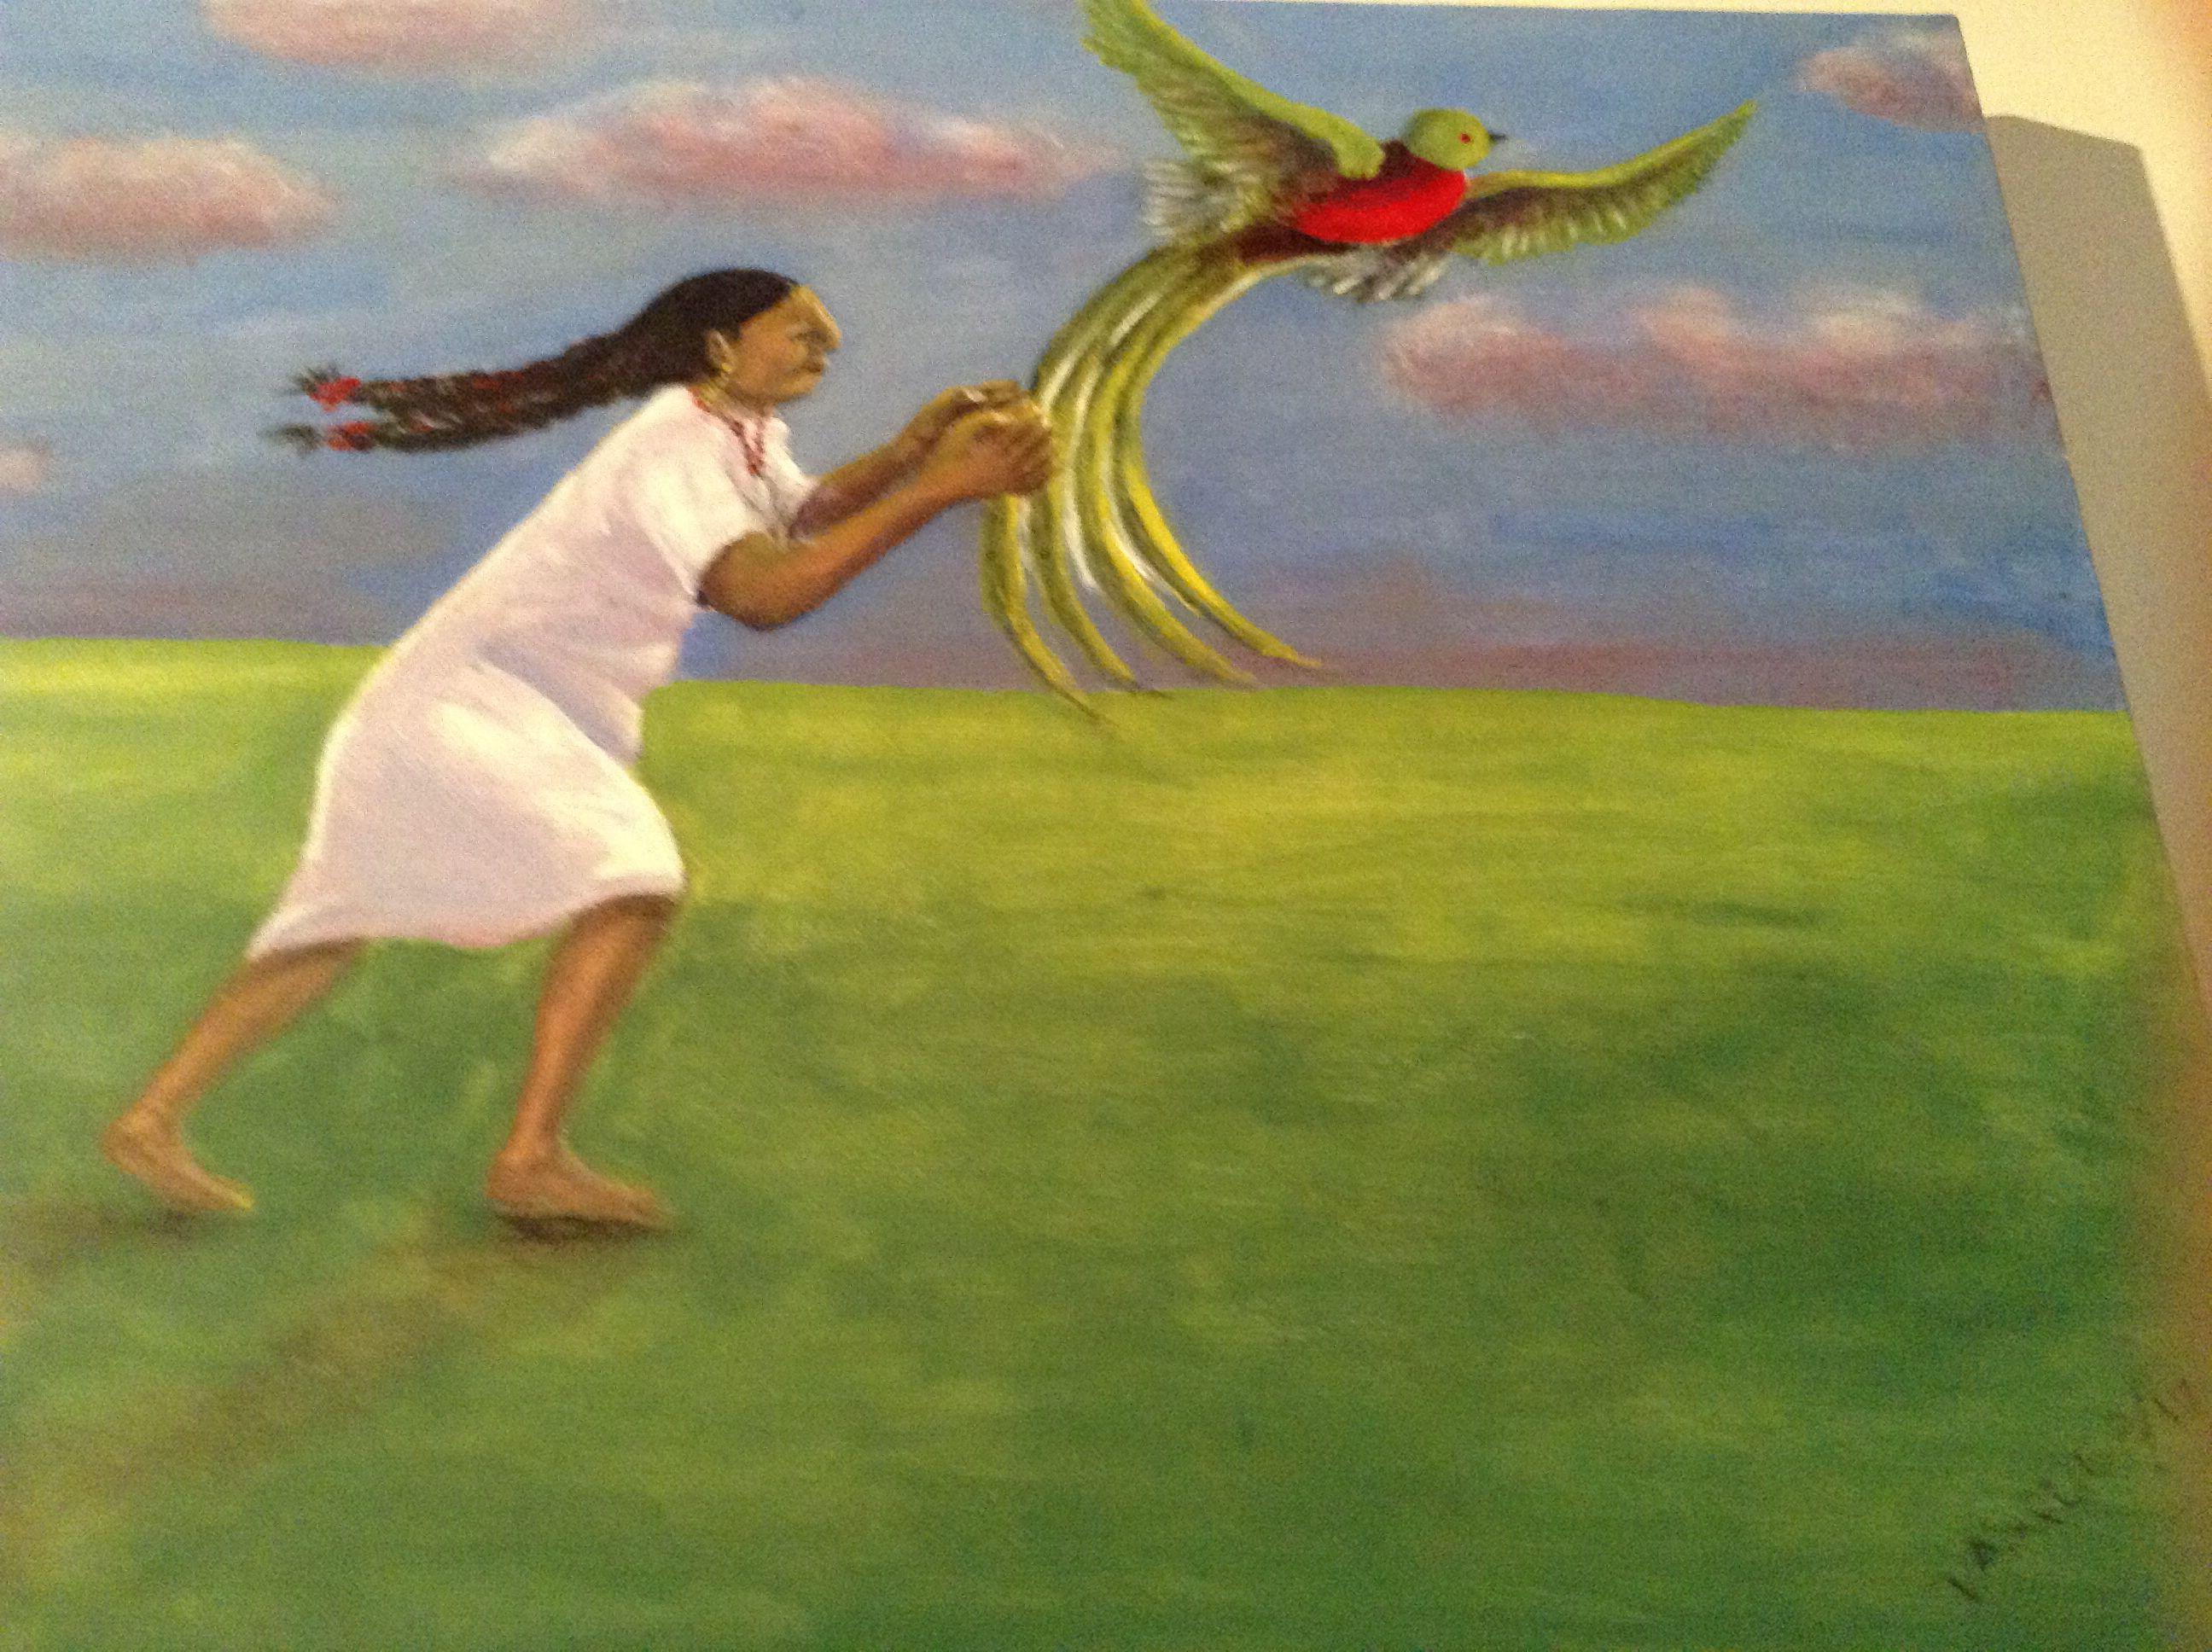 Liberacion de Quetzal by Mauricio A. Vasquez featheredserpentgallery.com